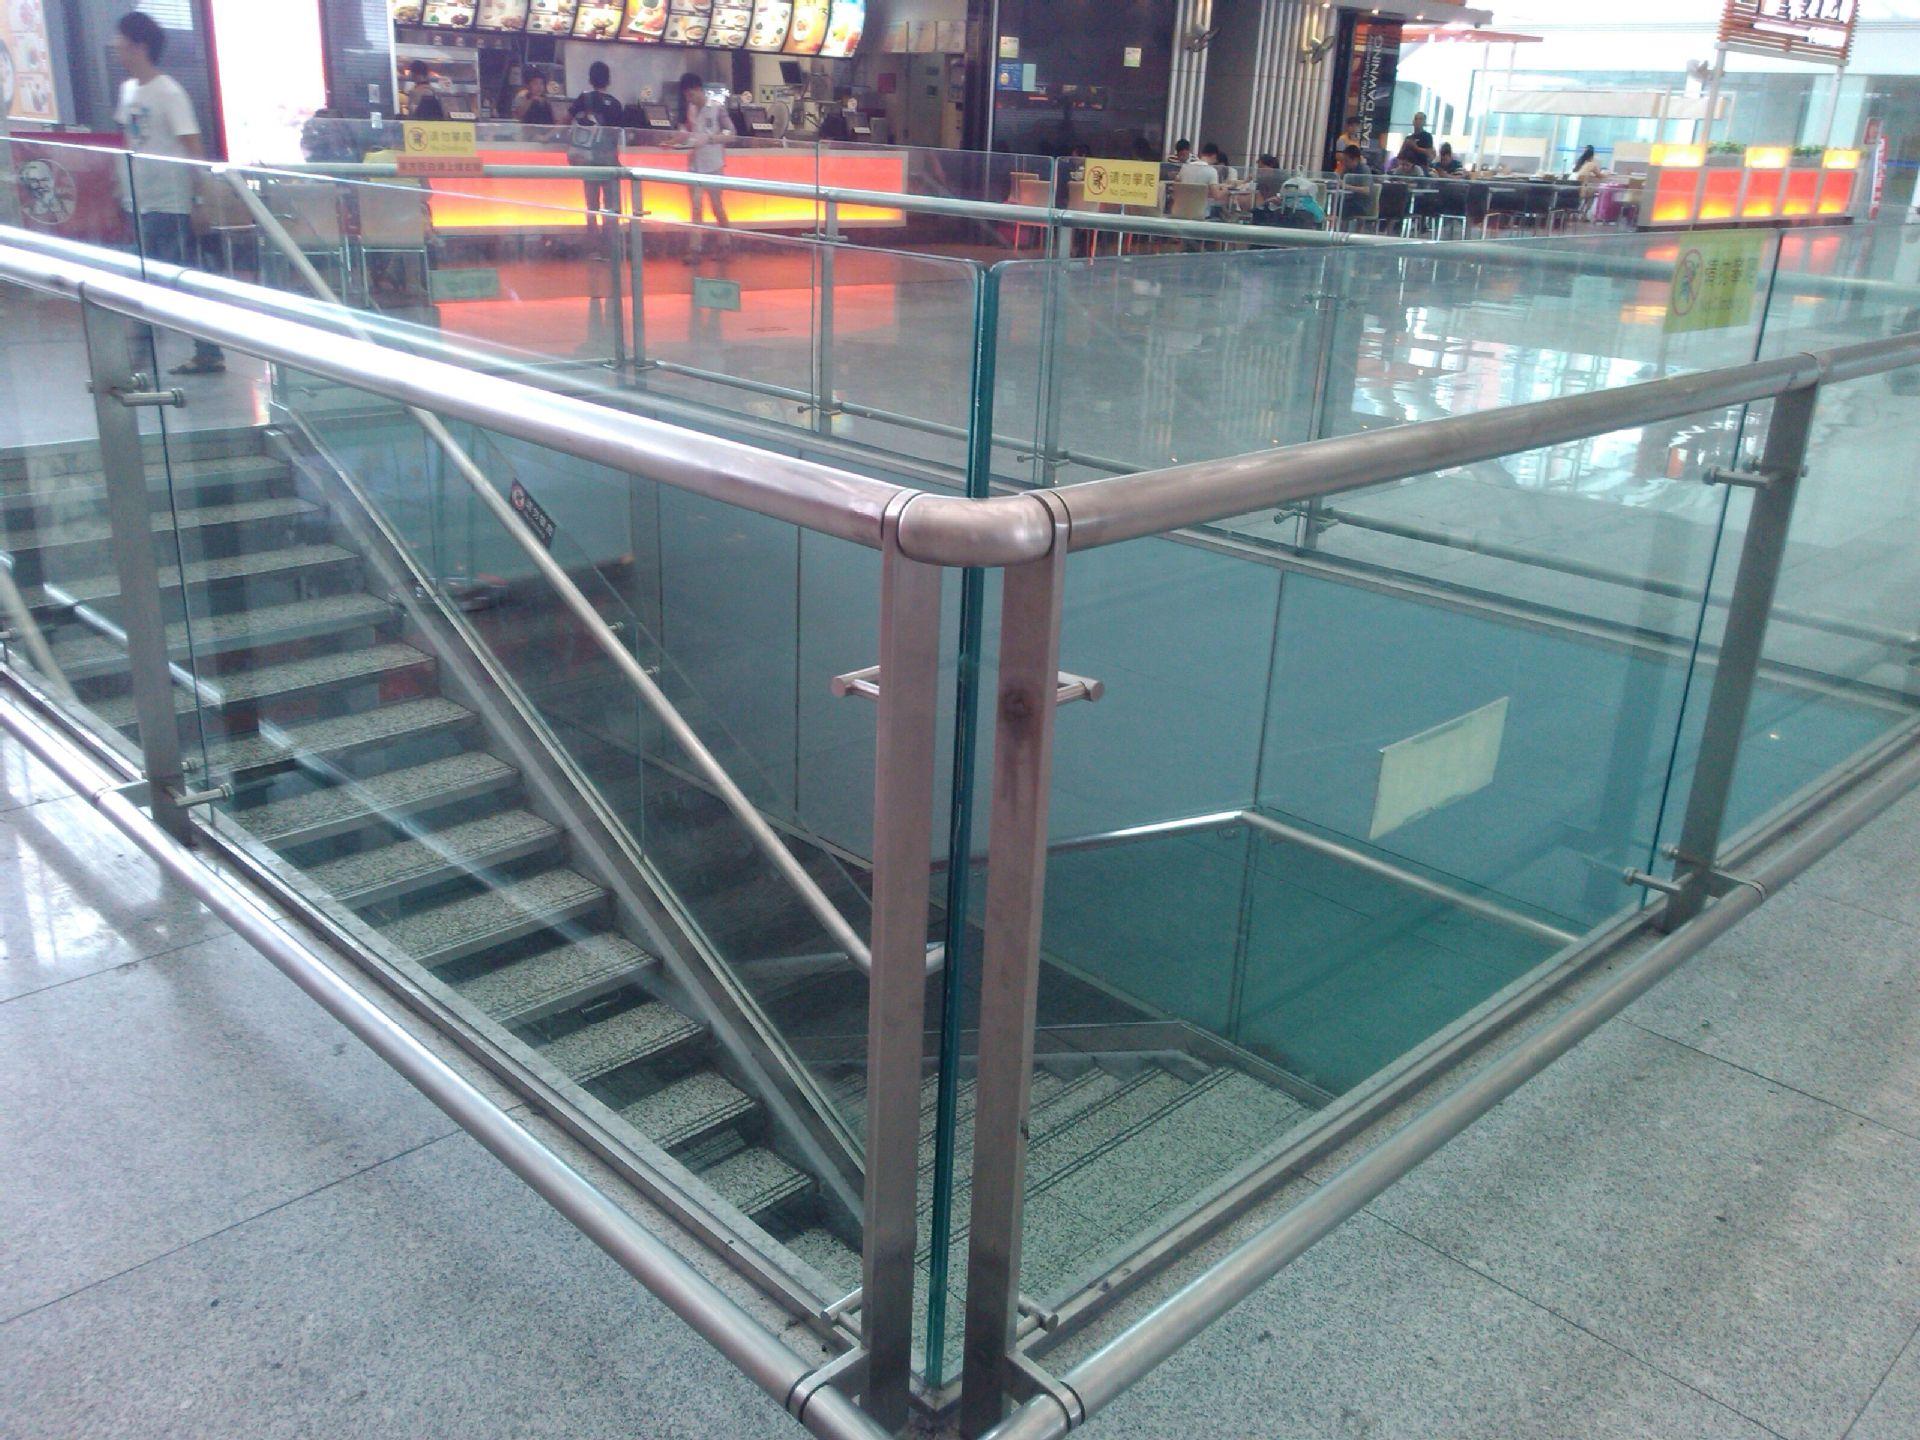 供应玻璃不锈钢楼梯栏杆,透明楼梯护栏扶手,优质玻璃楼梯扶手